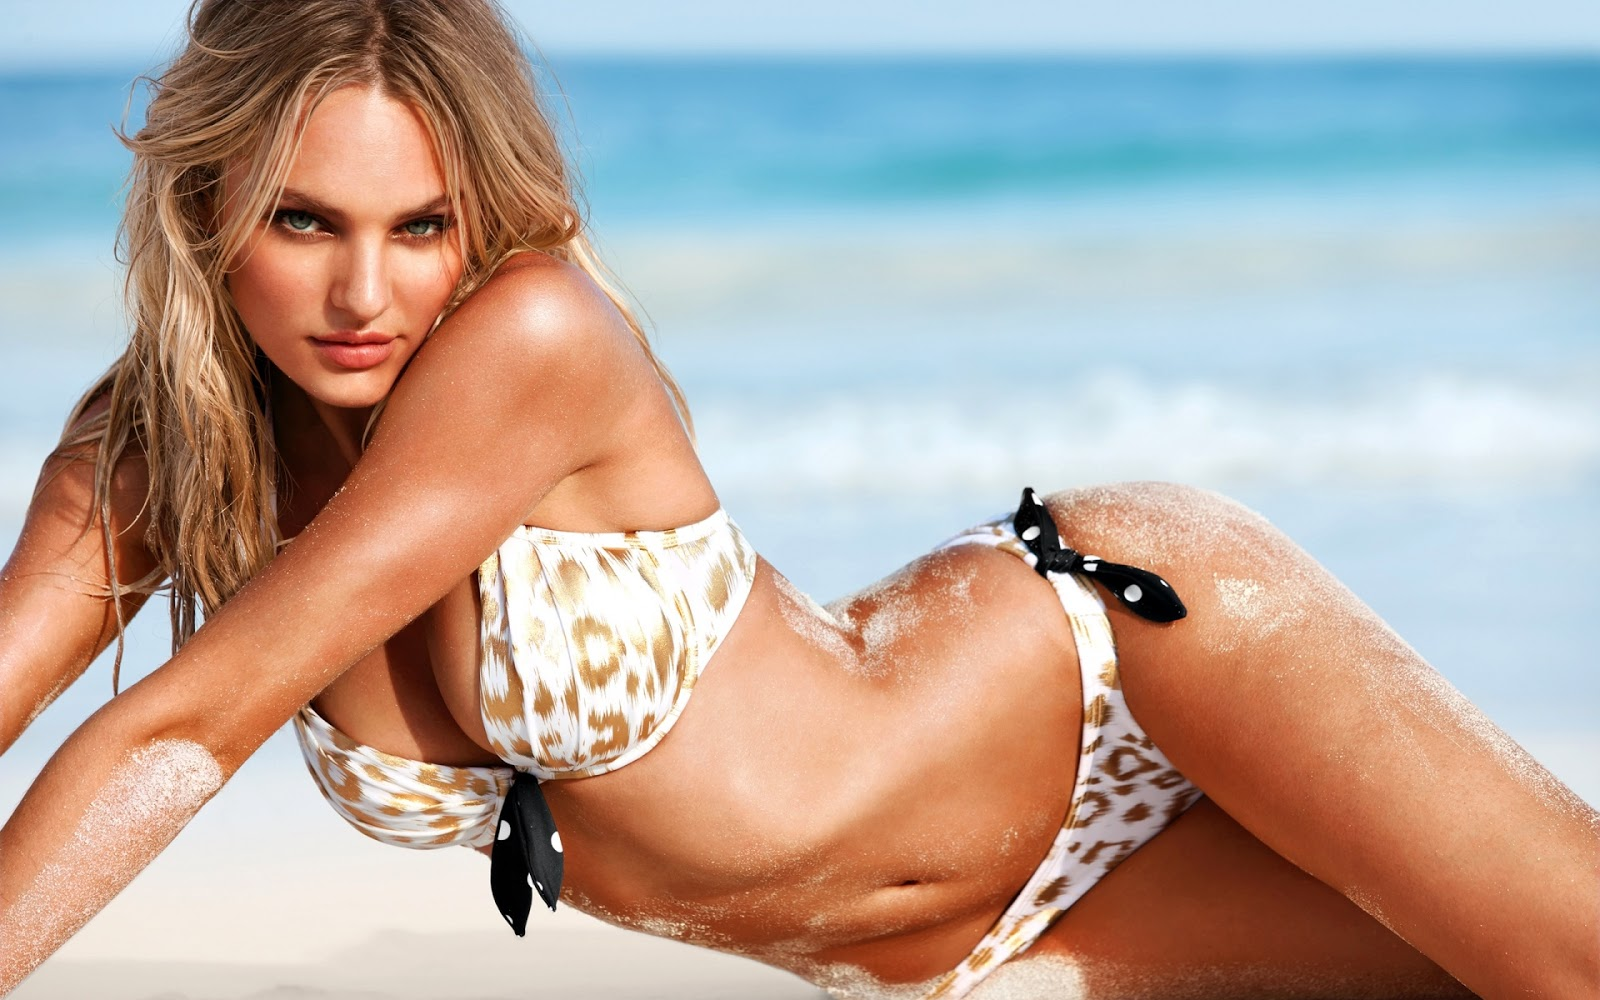 La modelo Candice Swanepoel. FOTO: Especial